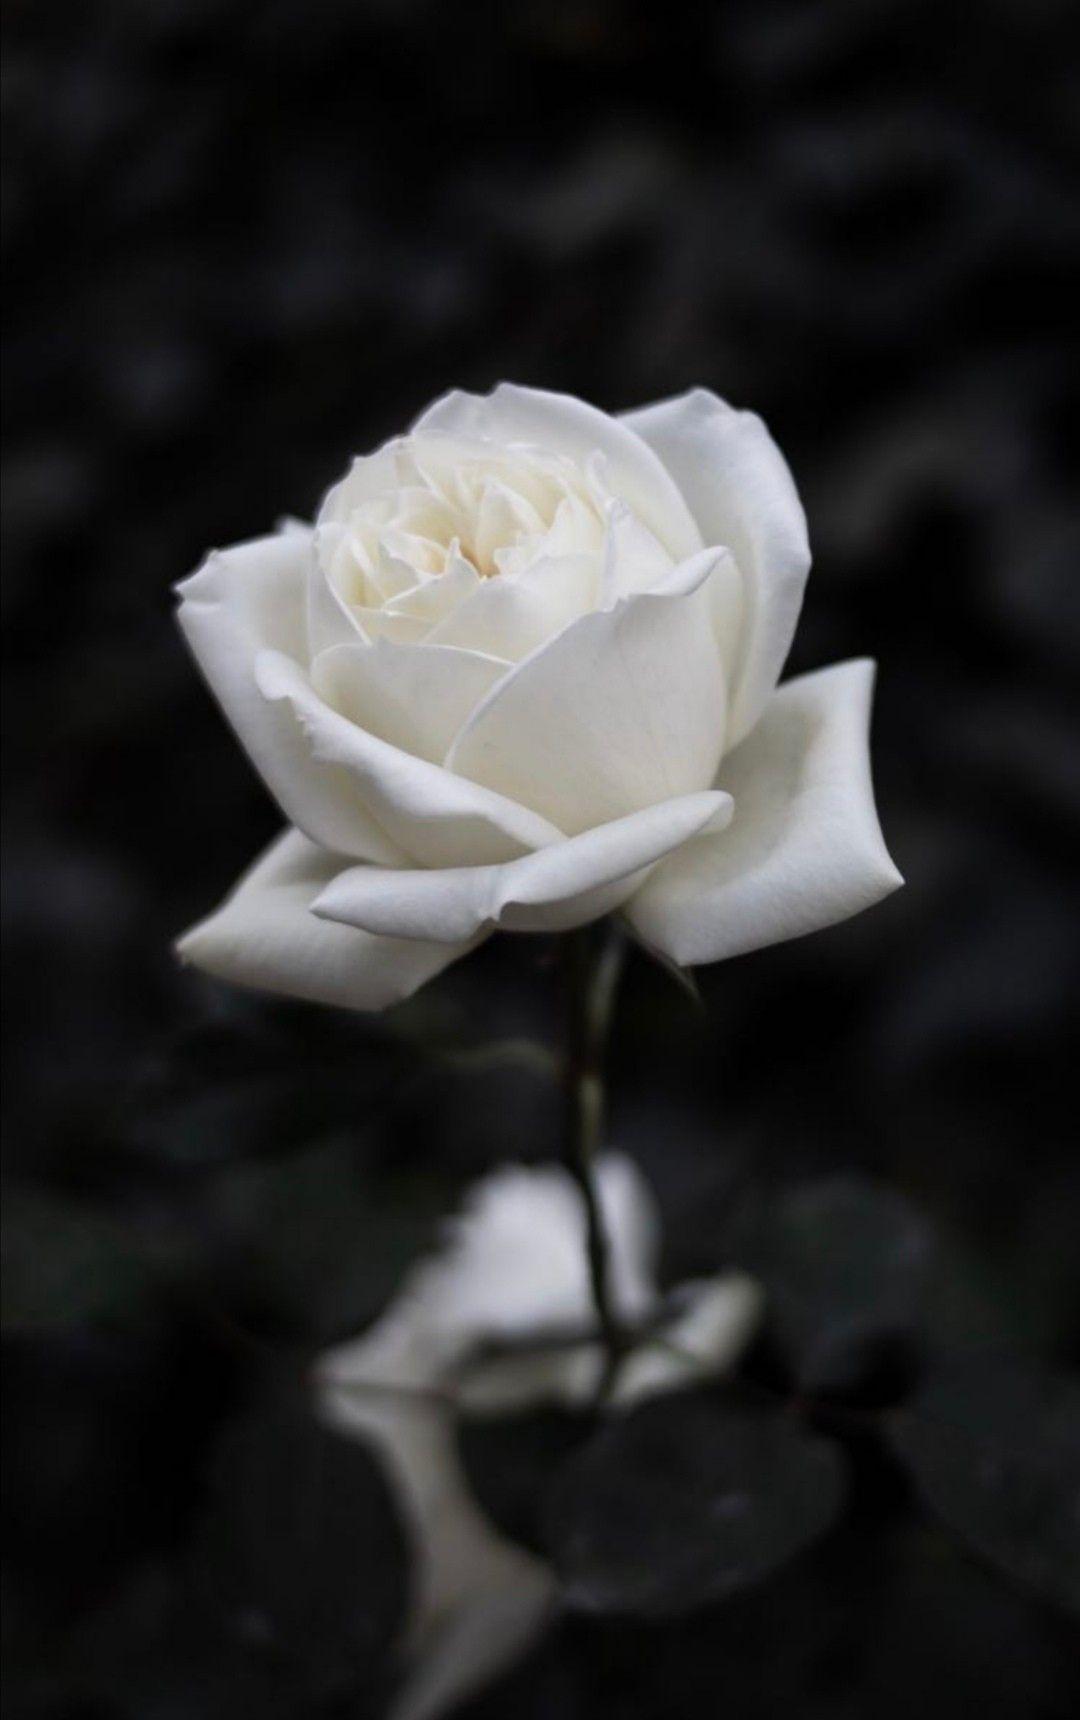 Epingle Par Nadia Lopes Sur Aesthetique En 2020 Fond D Ecran Fleur Rose Fond D Ecran Telephone Fond D Ecran Telephone Fleurs